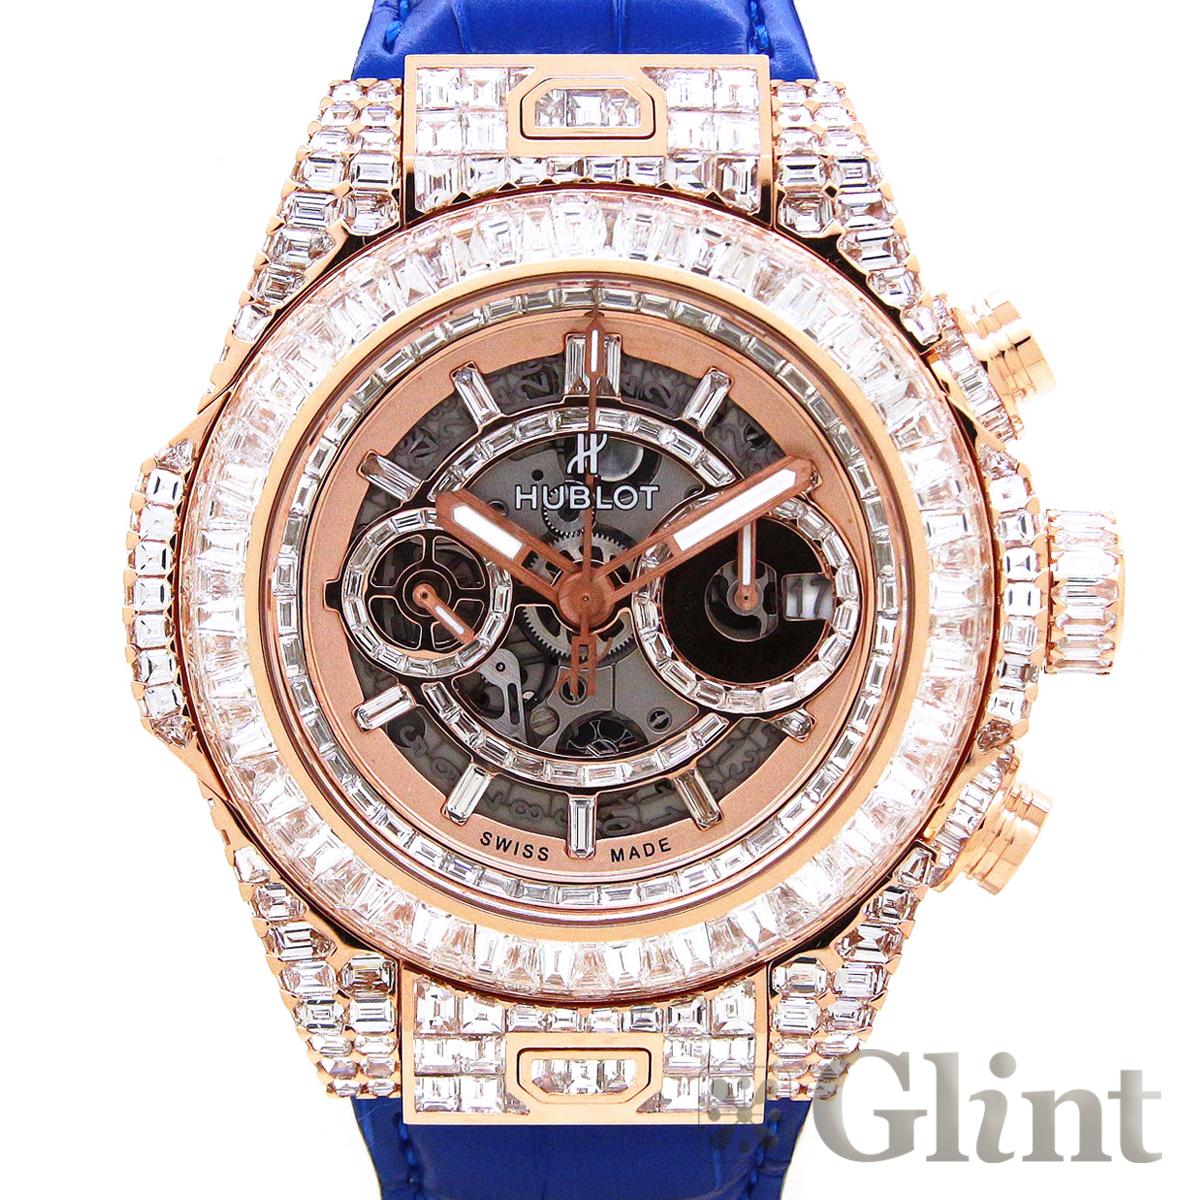 ウブロ ビッグバン ウニコ ハイジュエリー フルバゲットダイヤモンド〔HUBLOT〕〔18Kピンクゴールド〕〔メンズ〕〔腕時計〕